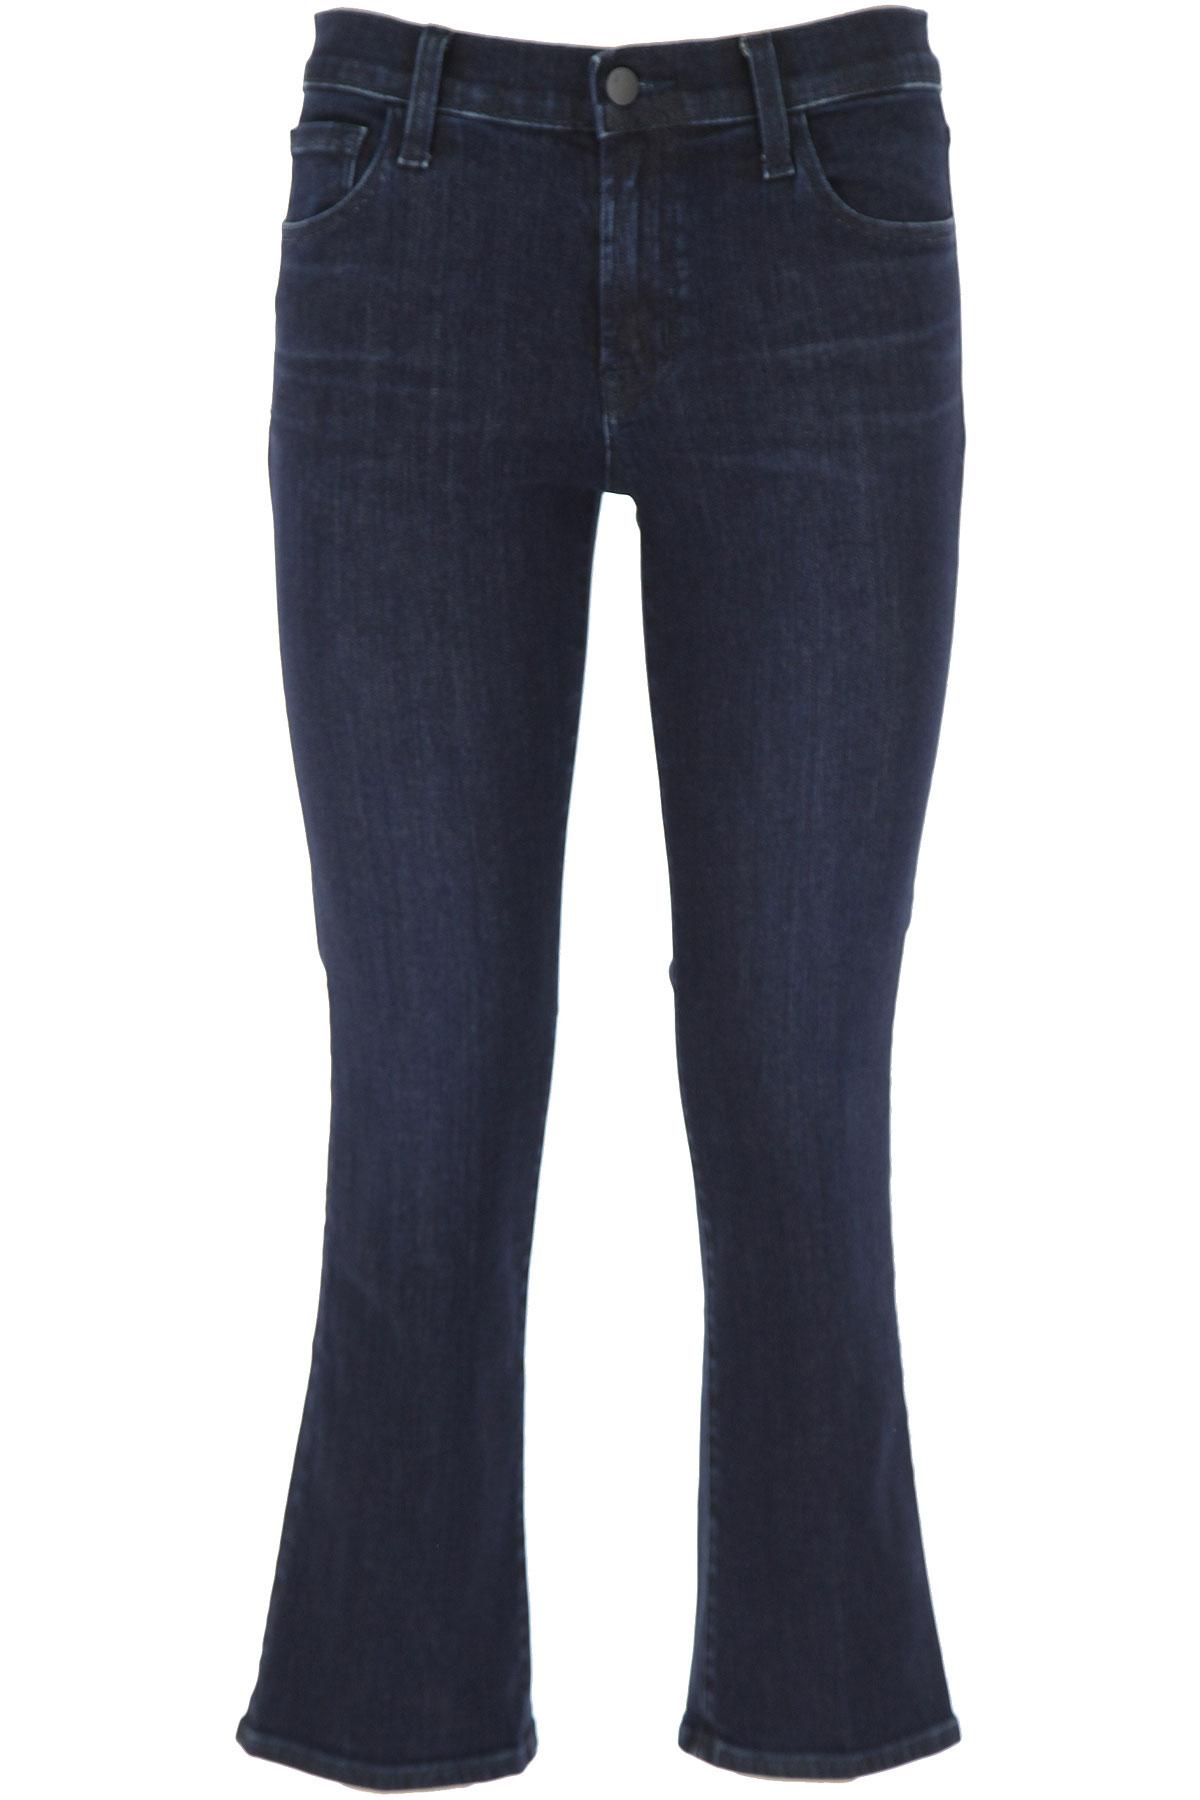 J Brand Jeans On Sale, Dark Blue Denim, Cotton, 2019, 26 27 28 29 30